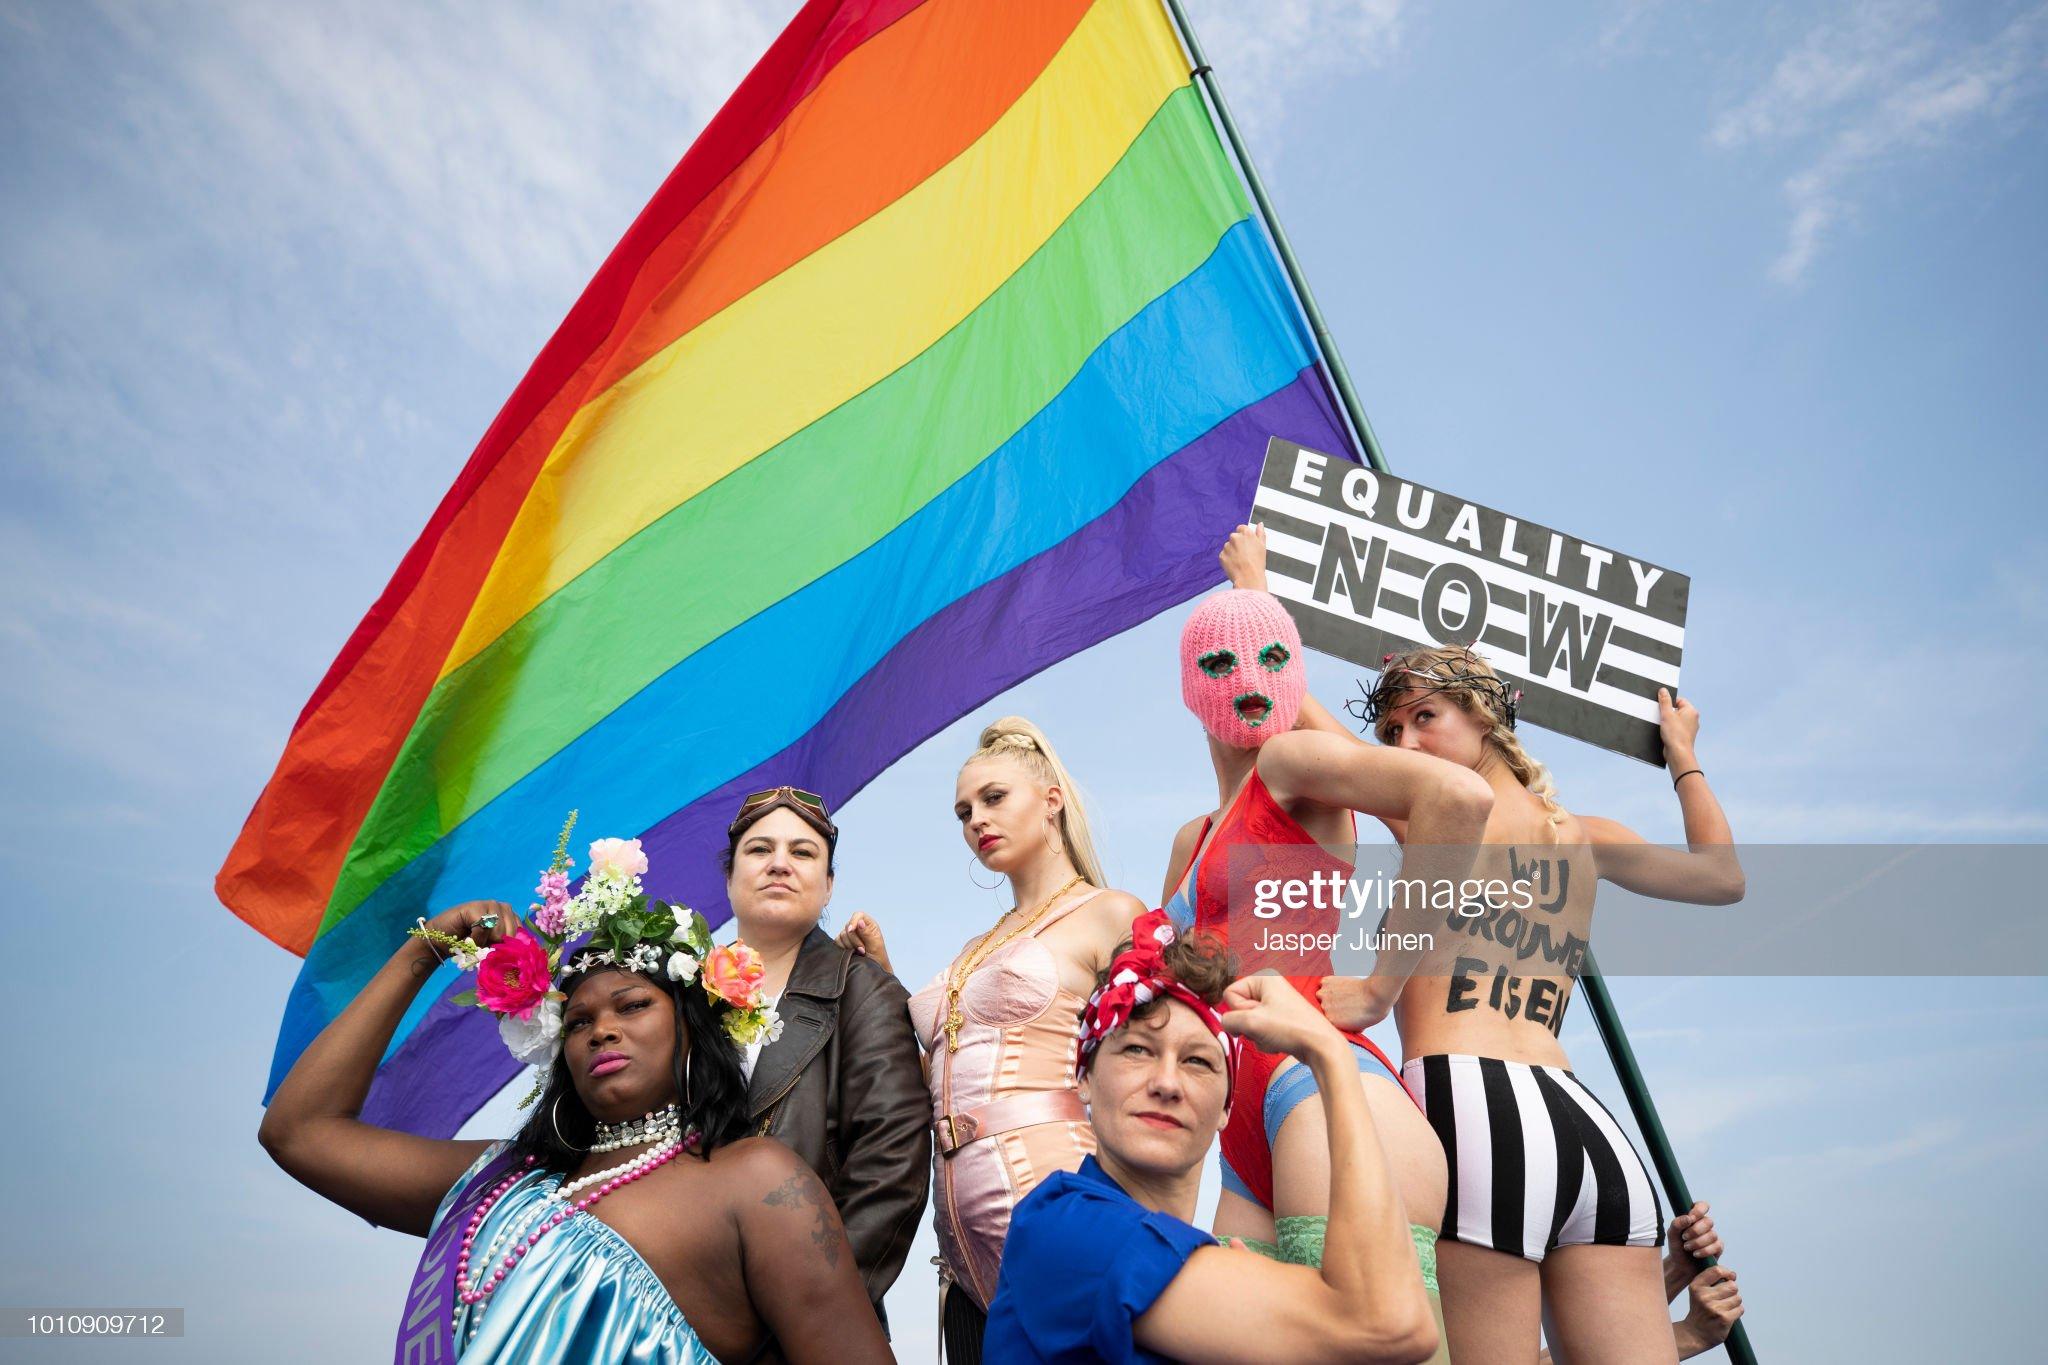 Annual Gay Pride Canal Parade Held In Amsterdam : Fotografía de noticias